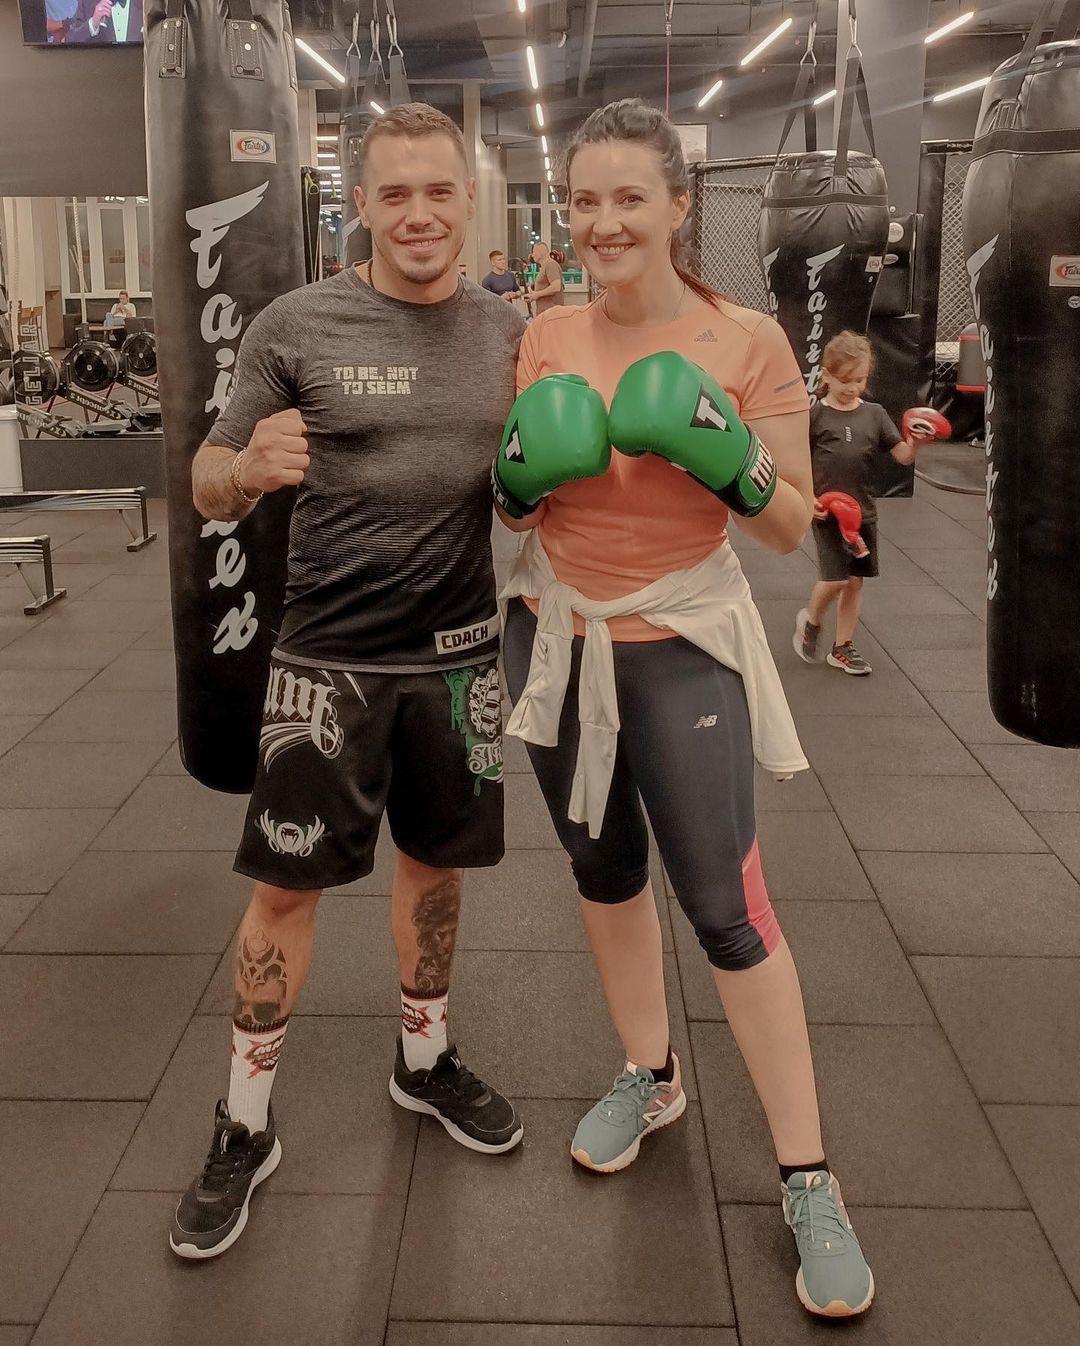 Соломия Витвицкая занялась боксом — фото - Гламур - TCH.ua